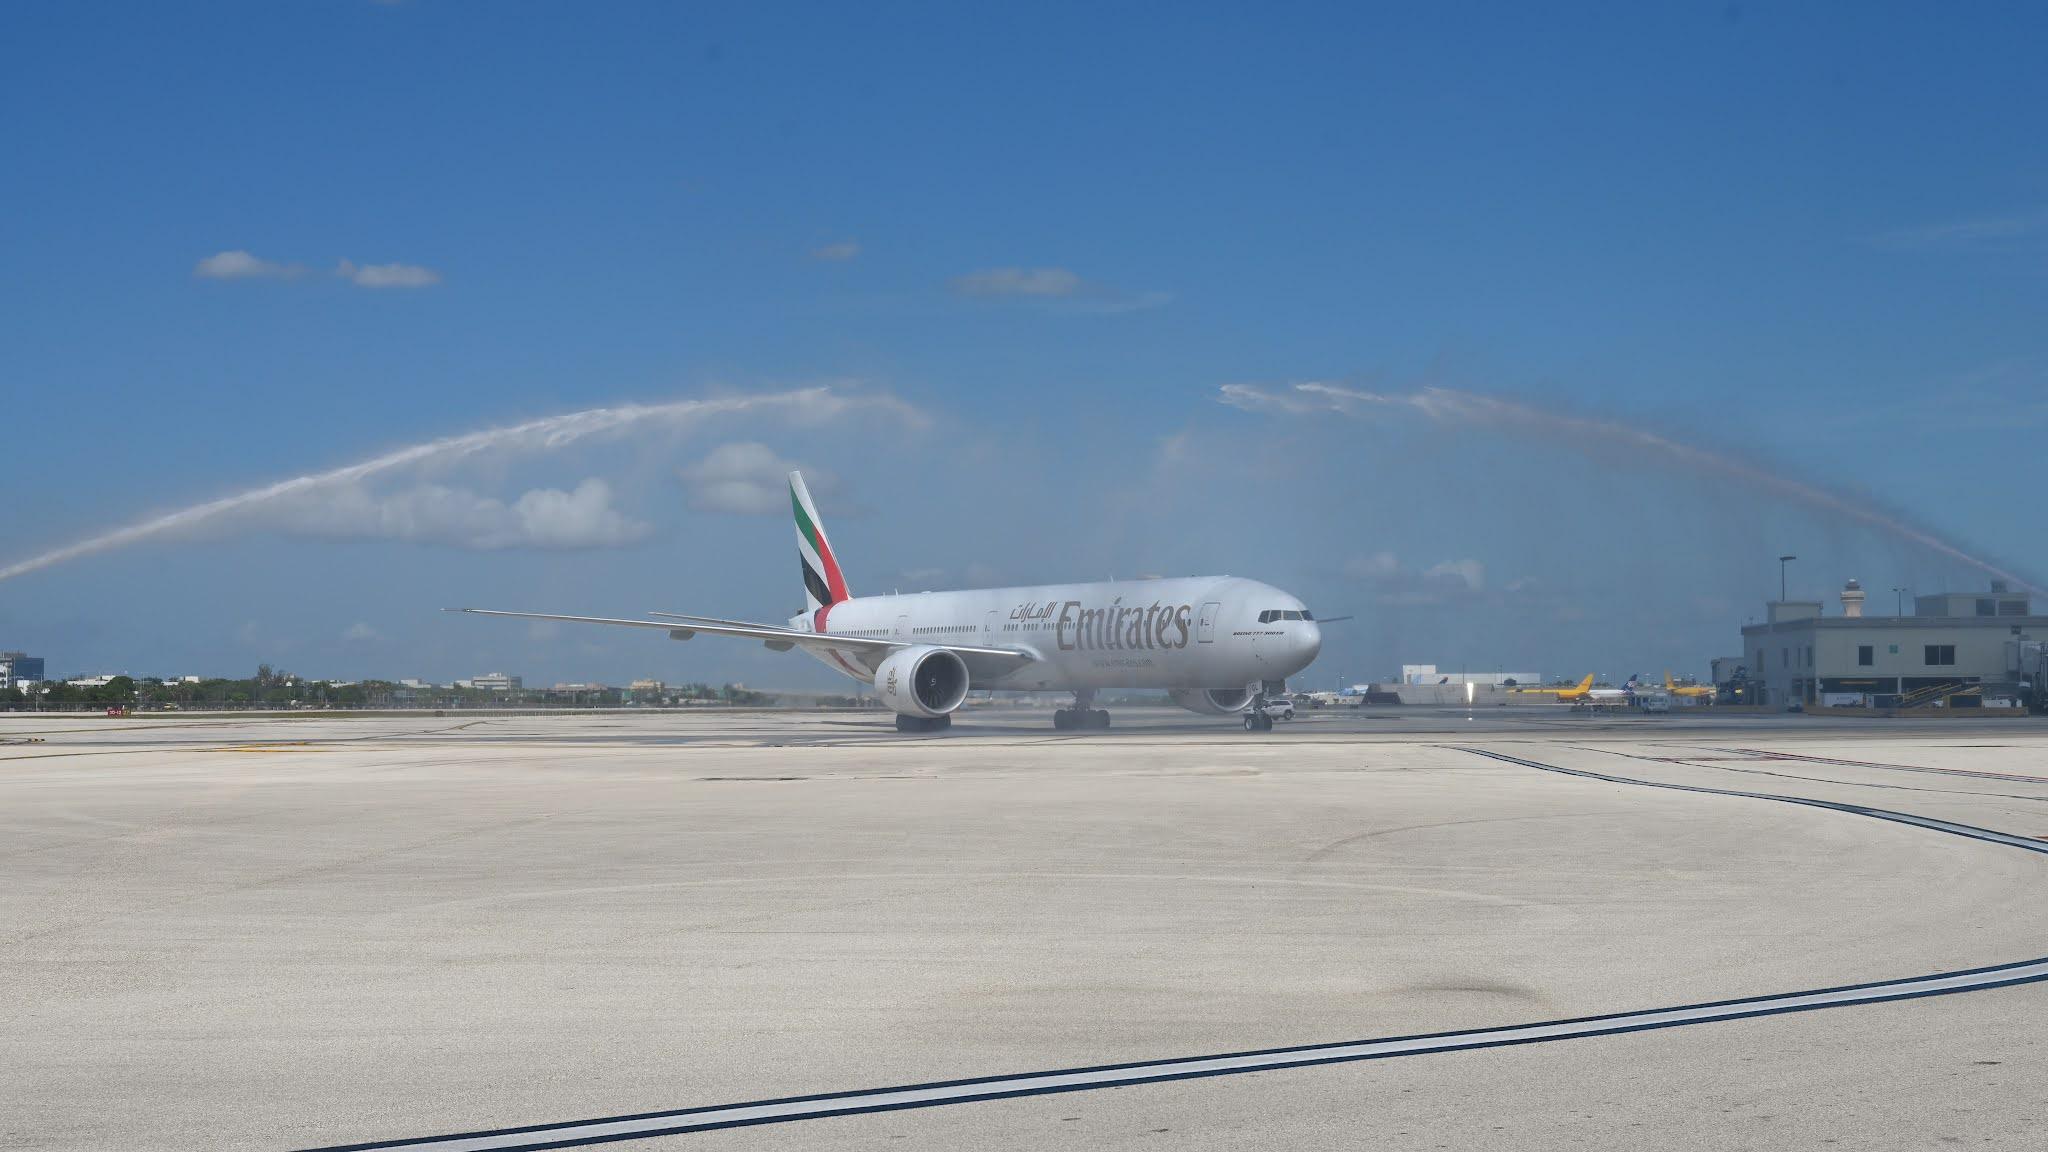 طيران الإمارات Emirates تطلق رحلات سياحية بين مدينتي دبي وميامي